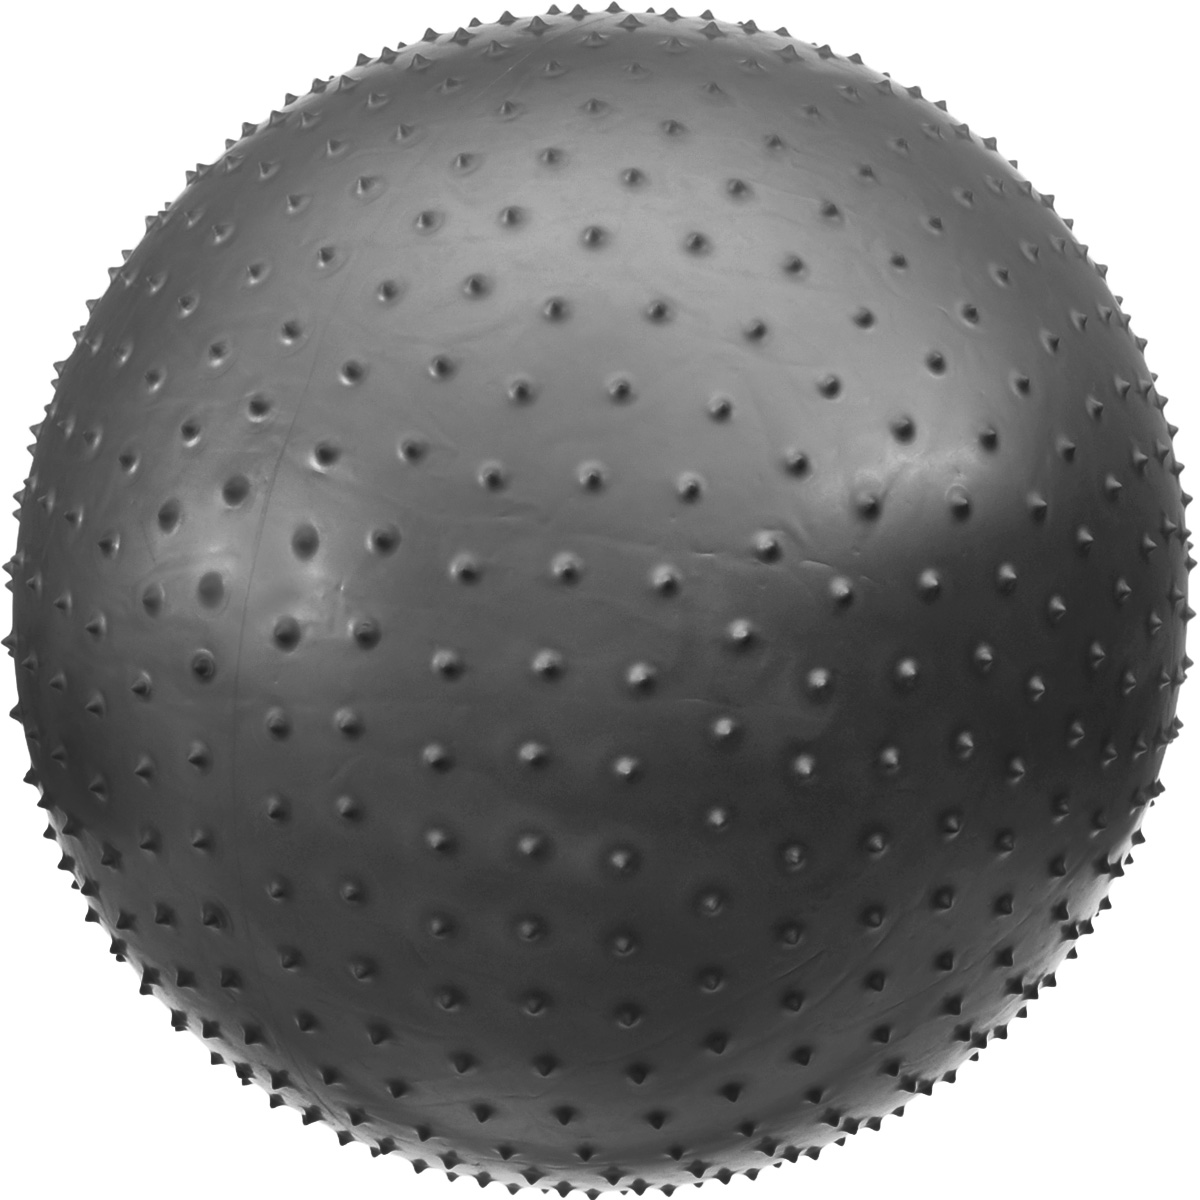 Мяч для фитнеса Bradex, массажный, 75 смSF 0085Массажный мяч для фитнеса Bradex отличается от обычного мяча для фитнеса поверхностью, которая дополнительно обеспечивает массаж в течение выполнения упражнений на нем. Взрослые могут использовать мяч в качестве минитренажера, направленного на снижение веса и общего укрепления организма. Для детей он станет веселой и полезной игрушкой, благотворно влияющей на формирование правильной осанки, гибкости, ловкости и пластичности. Мяч сделан в соответствии с антивзрывной технологией, гарантирующей безопасность во время эксплуатации. Накачать гимнастический мяч можно с помощью любого насоса (ручного или ножного) или же компрессором. Для этого необходимо воспользоваться конусообразным переходником, который, как правило, поставляется в комплекте с насосом или компрессором. Характеристики:Материал: ПВХ, силикон. Диаметр мяча: 75 см. Мах нагрузка: 150 кг. Размер упаковки: 21 см х 27,5 см х 14 см. Артикул: SF0018. Производитель: Китай.